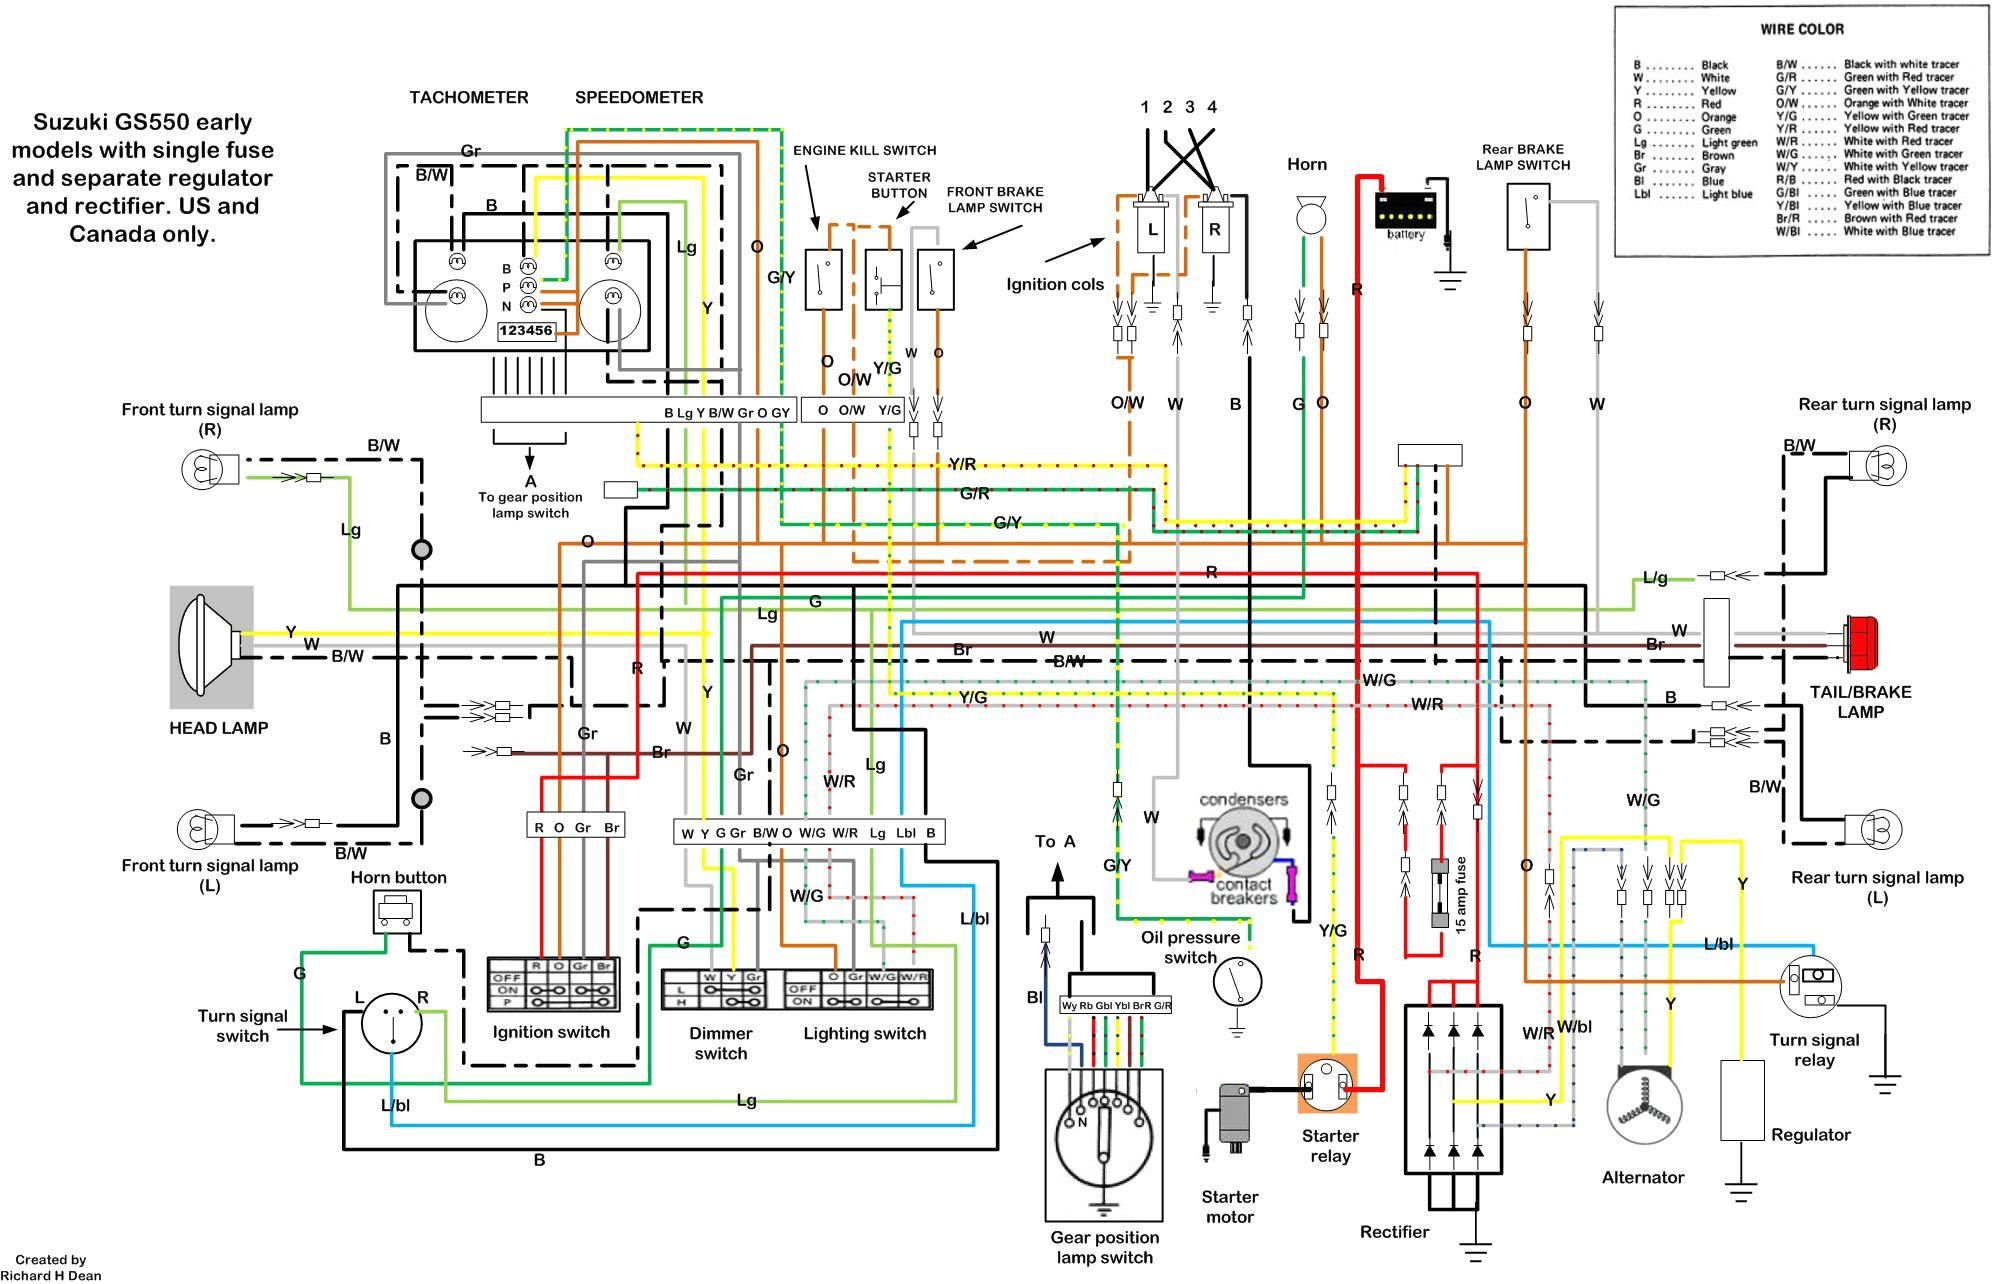 Suzuki Gs550 Wiring Diagram Gs550 Wiring Diagram Wiring Diagram